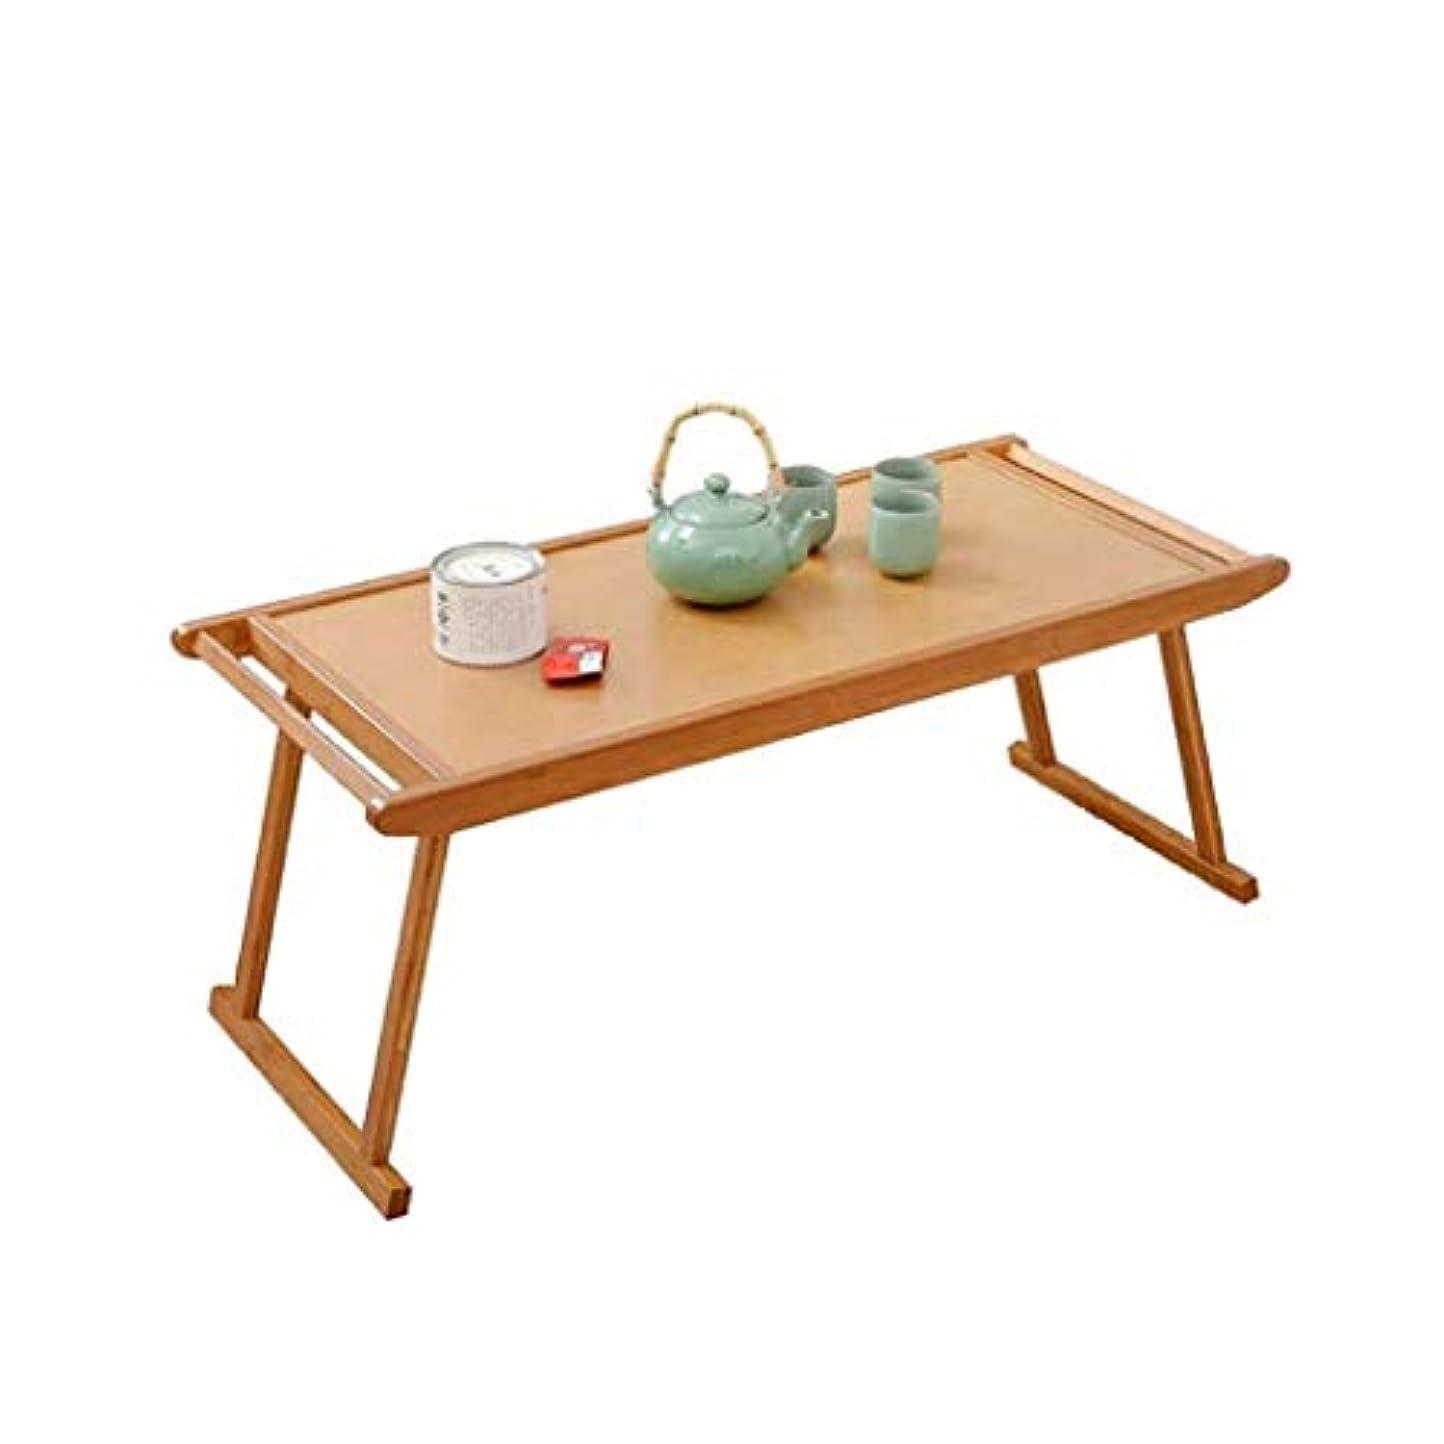 マントヒューム外側Yalztc-zyq16 茶テーブルの携帯用低いテーブルを折る簡単なカンフーの茶テーブル